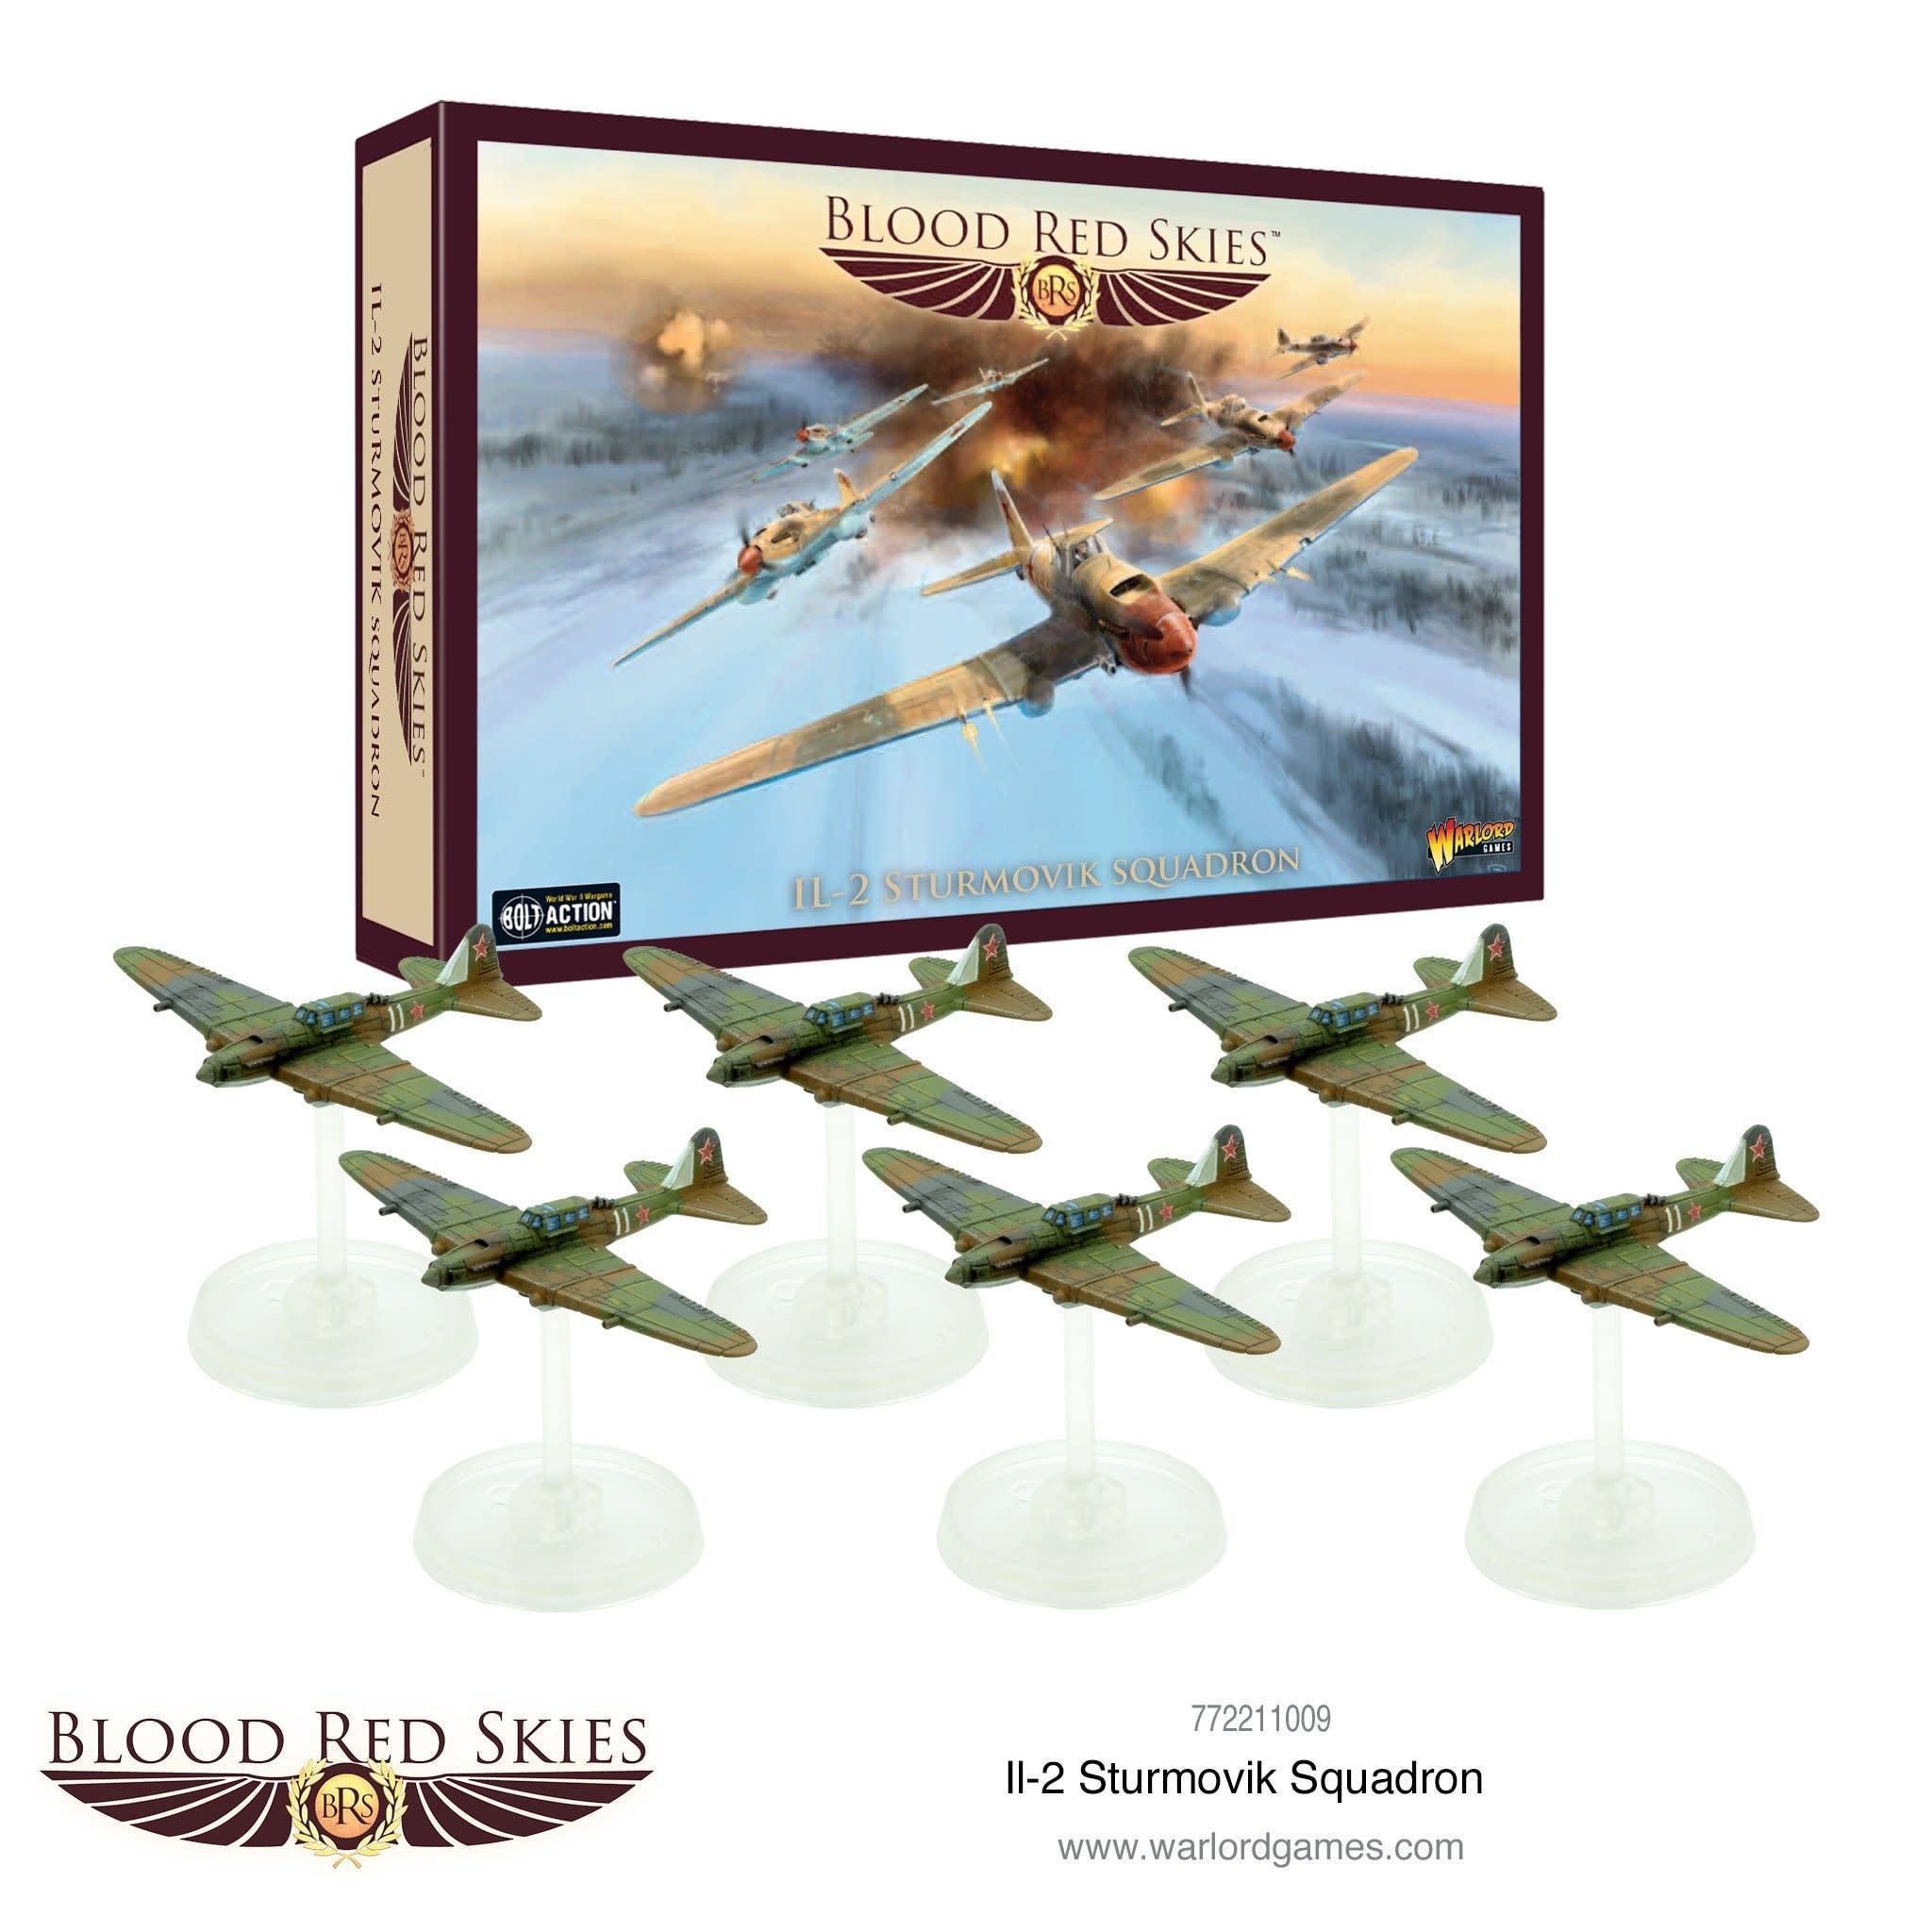 Warlord games Blood Red Skies: Soviet, IL-2 Sturmovik Squadron